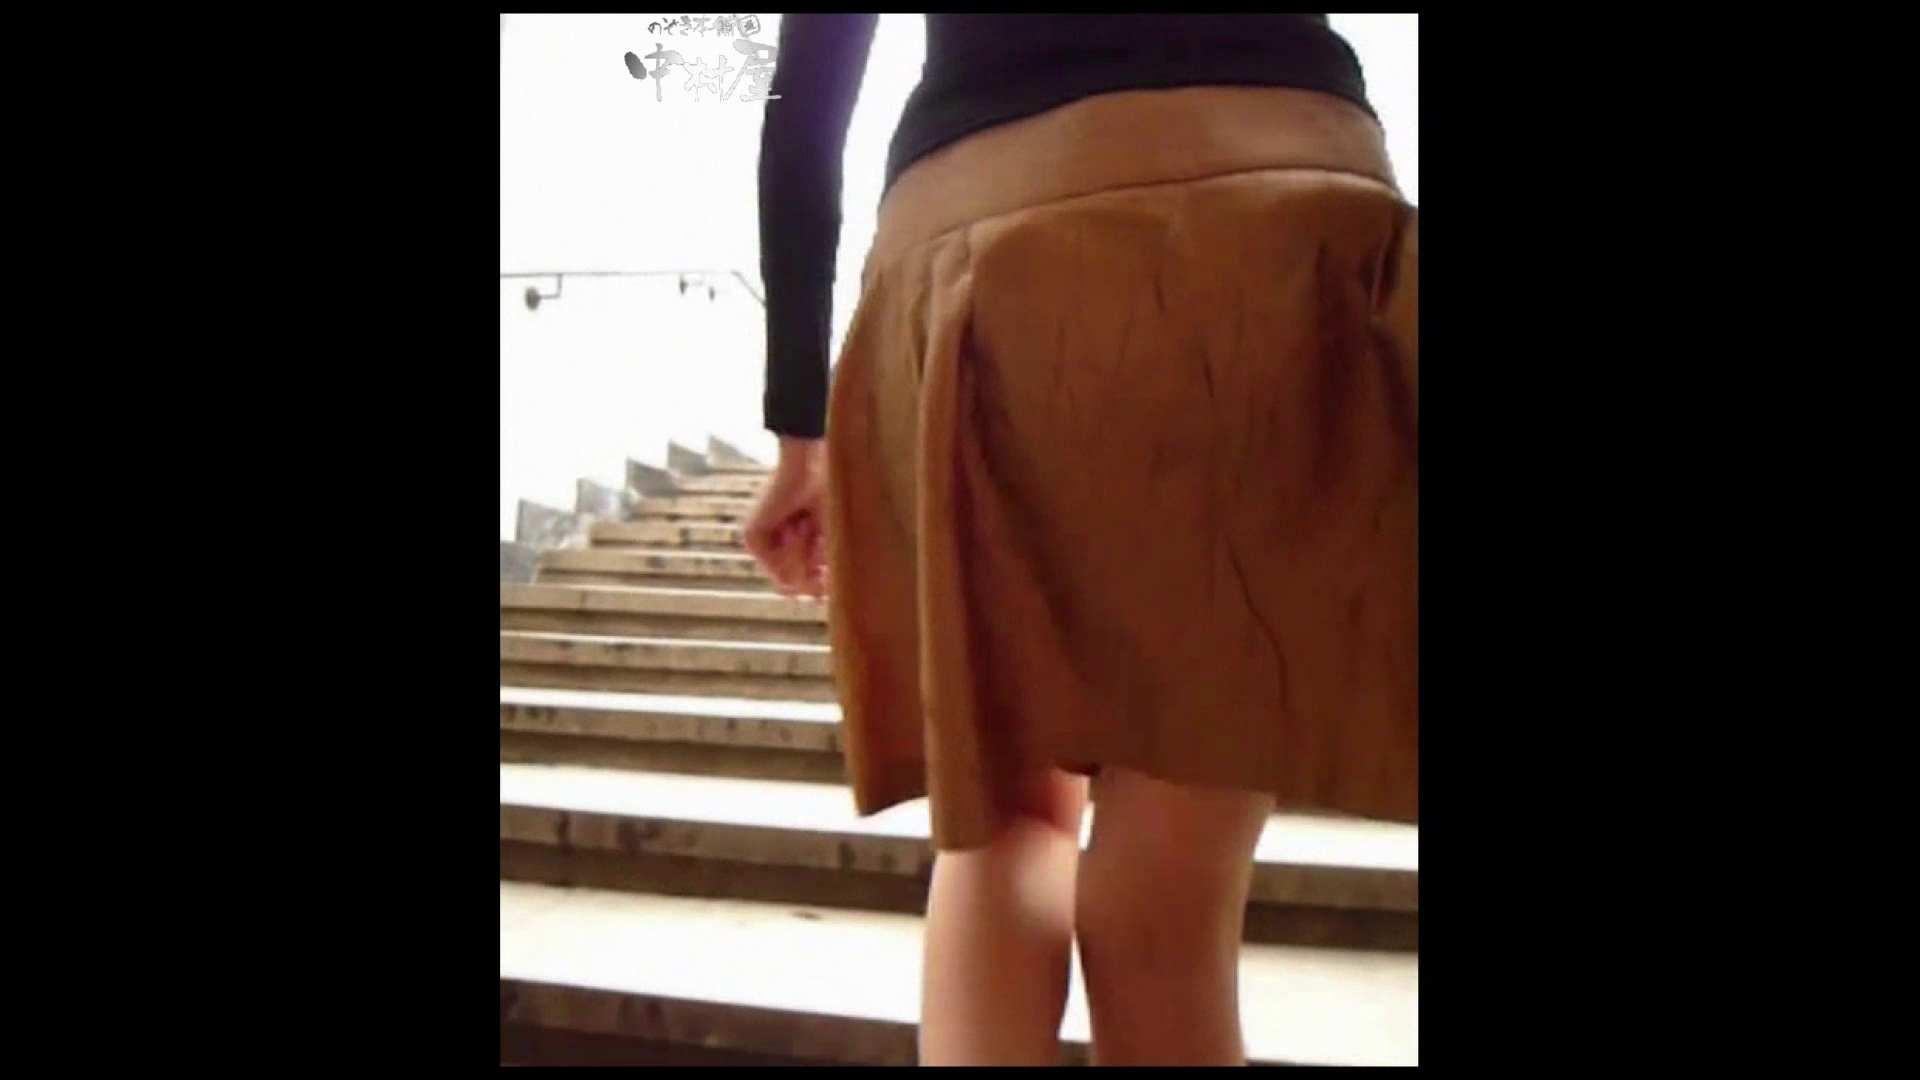 綺麗なモデルさんのスカート捲っちゃおう‼ vol29 お姉さんのエロ生活 ワレメ動画紹介 83連発 20